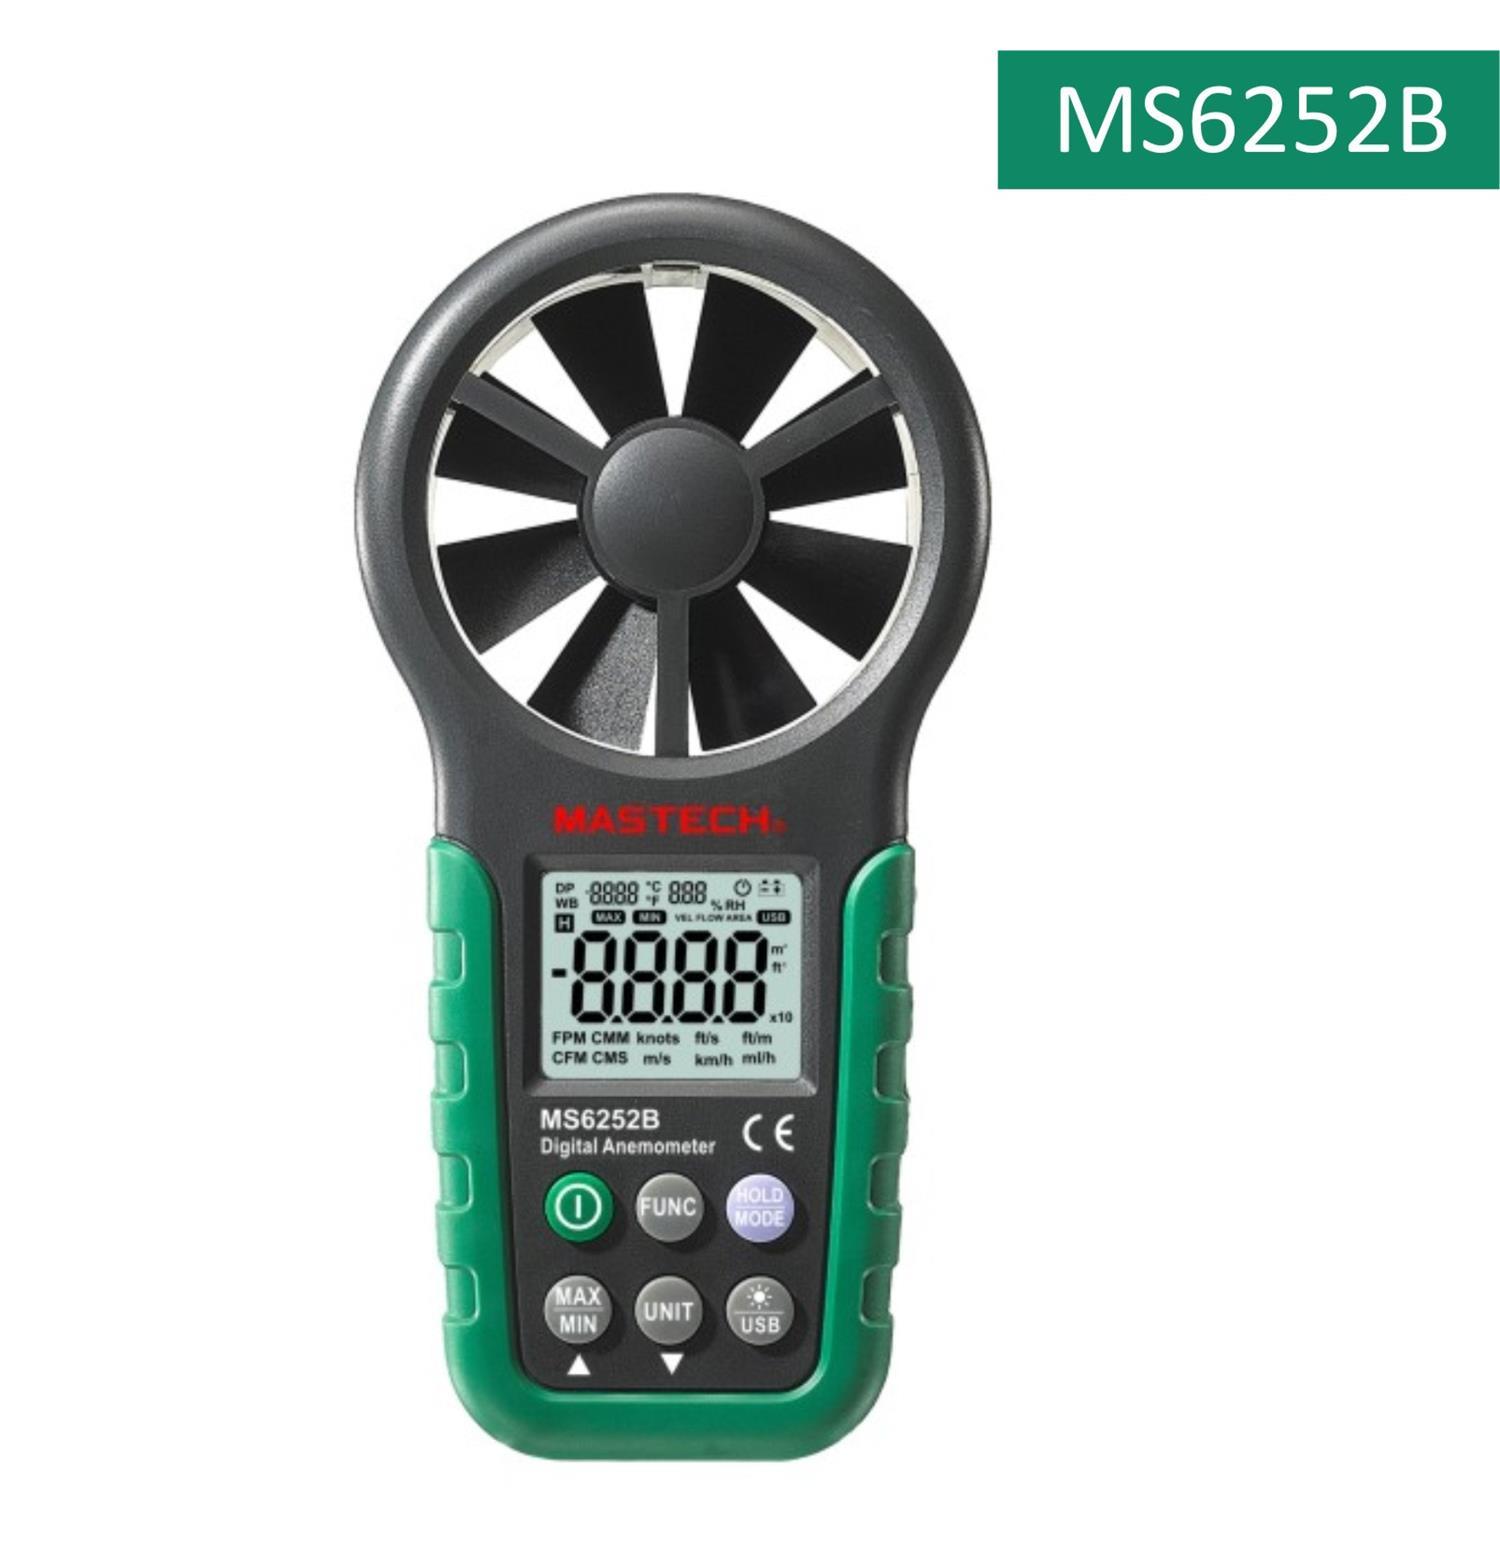 MS6252B